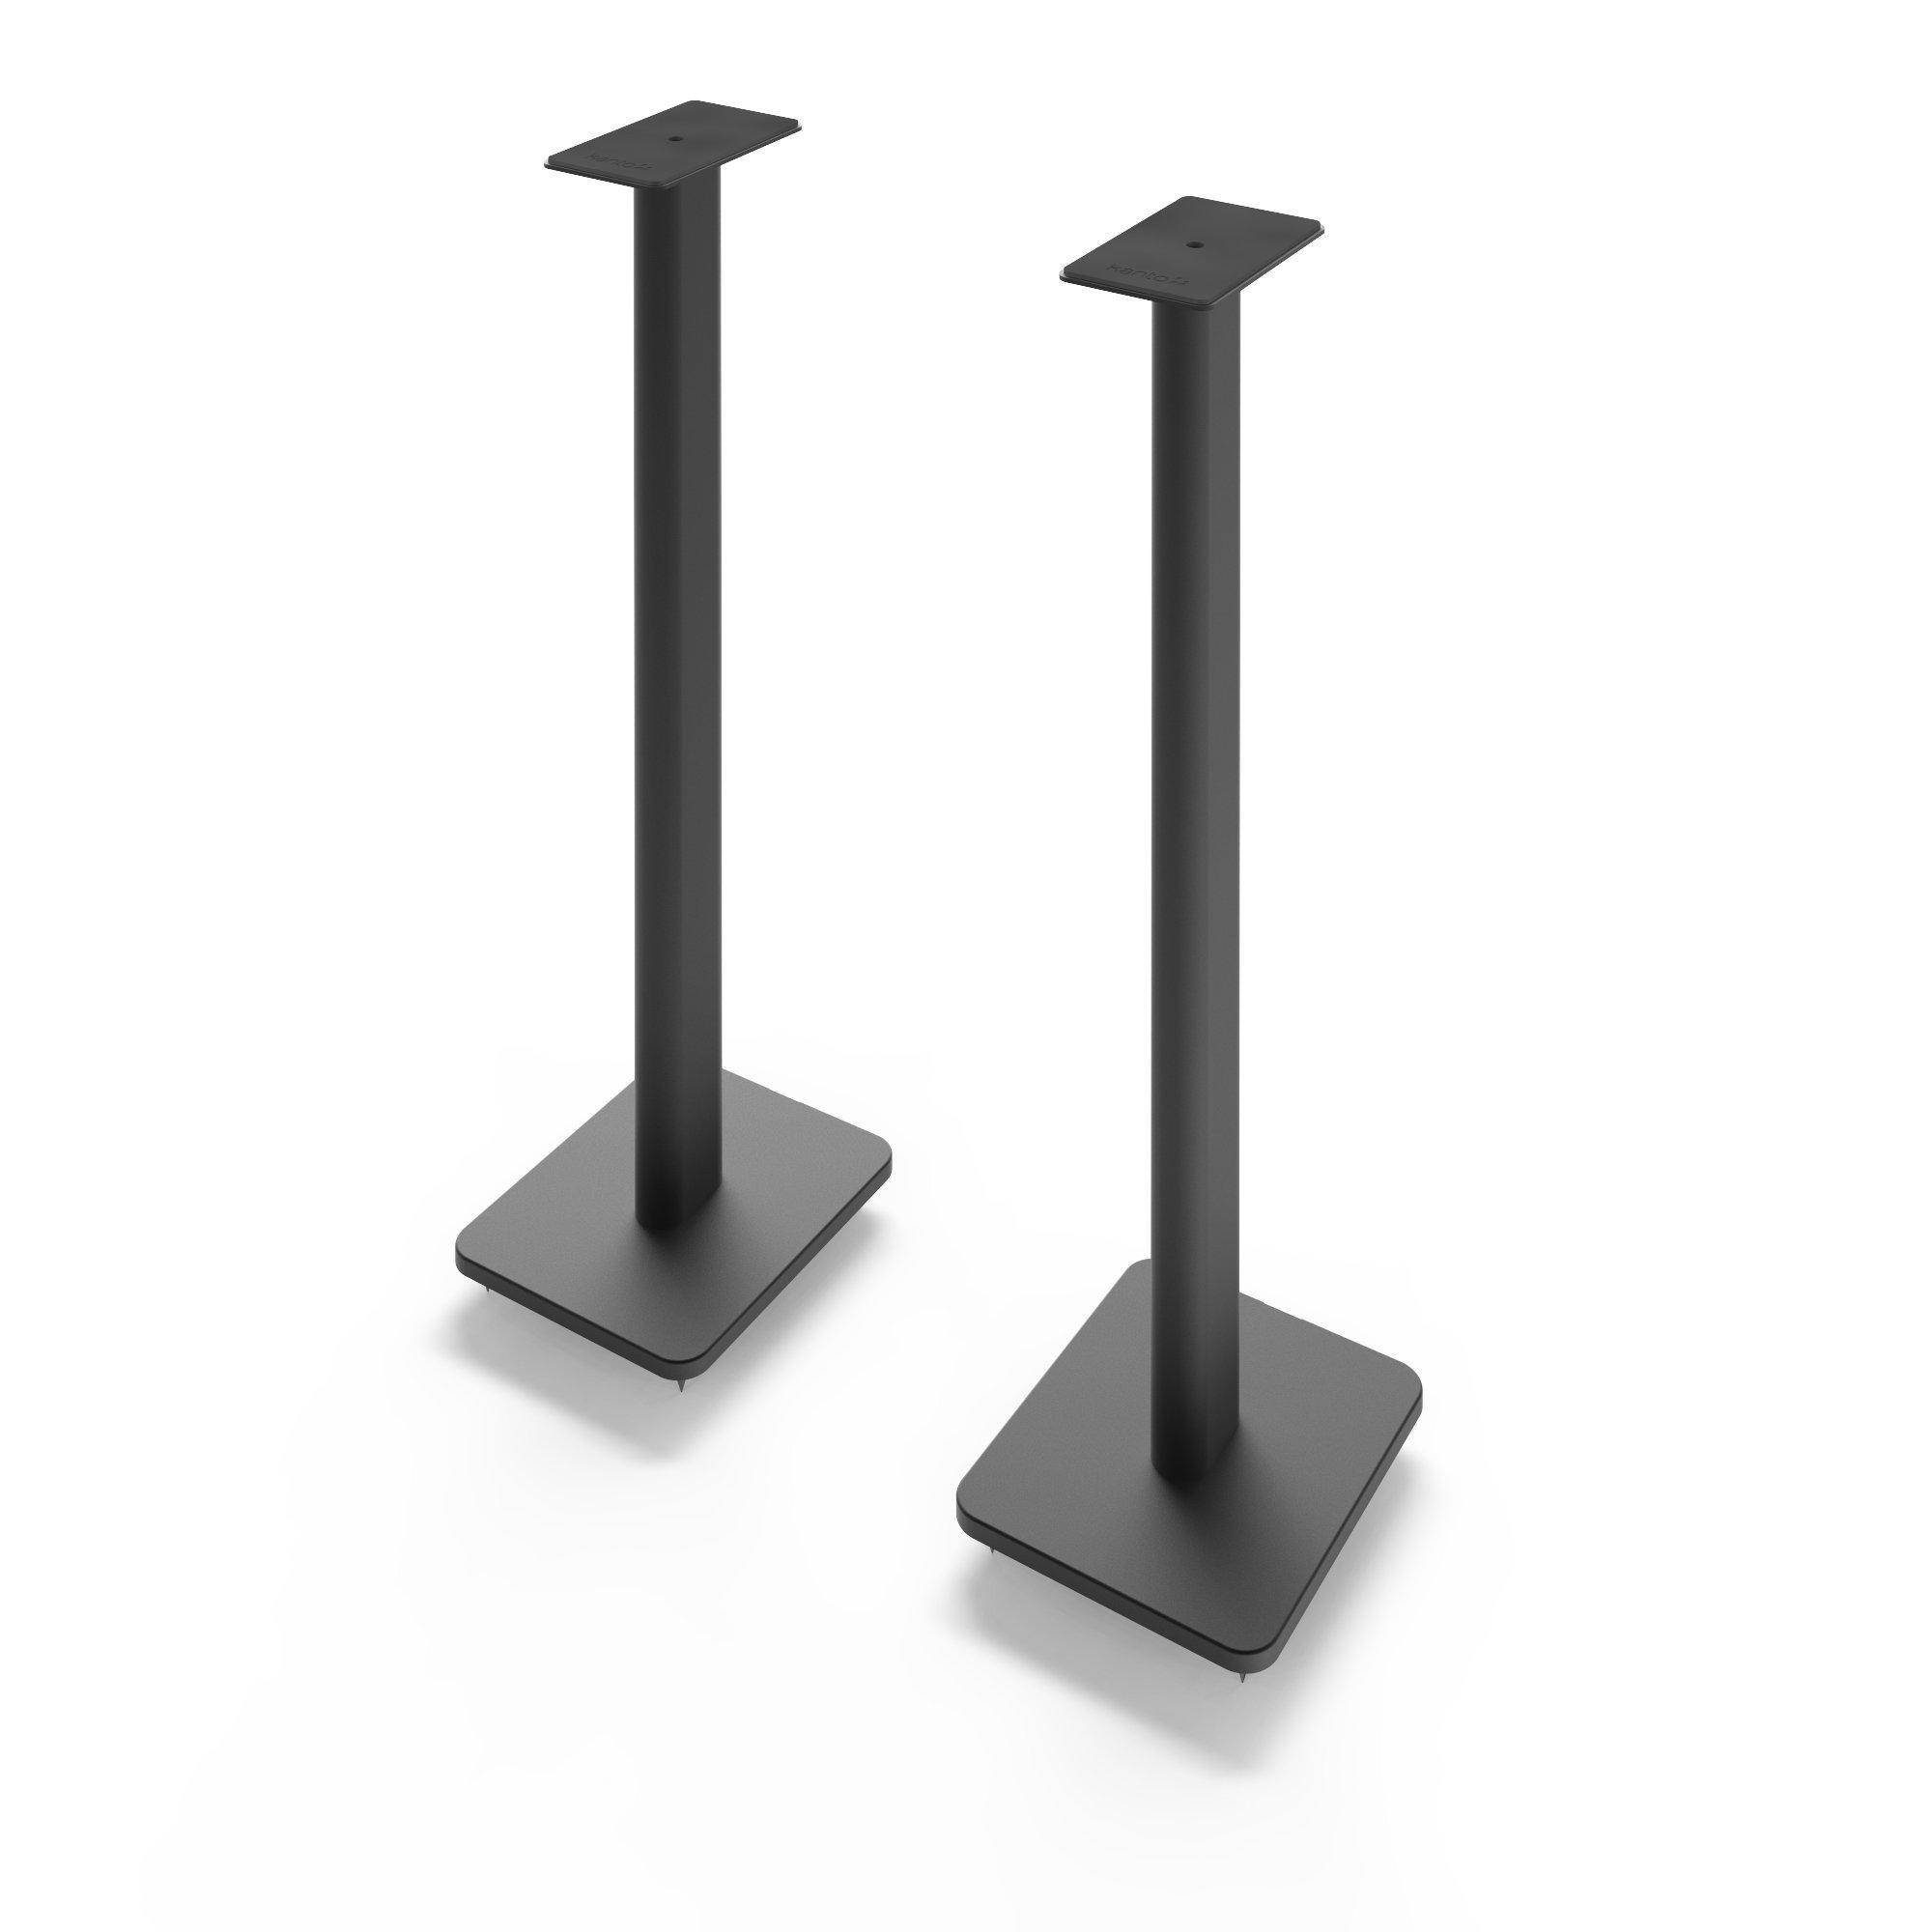 Kanto SP32PL 32'' Bookshelf Speaker Stands, Black by Kanto